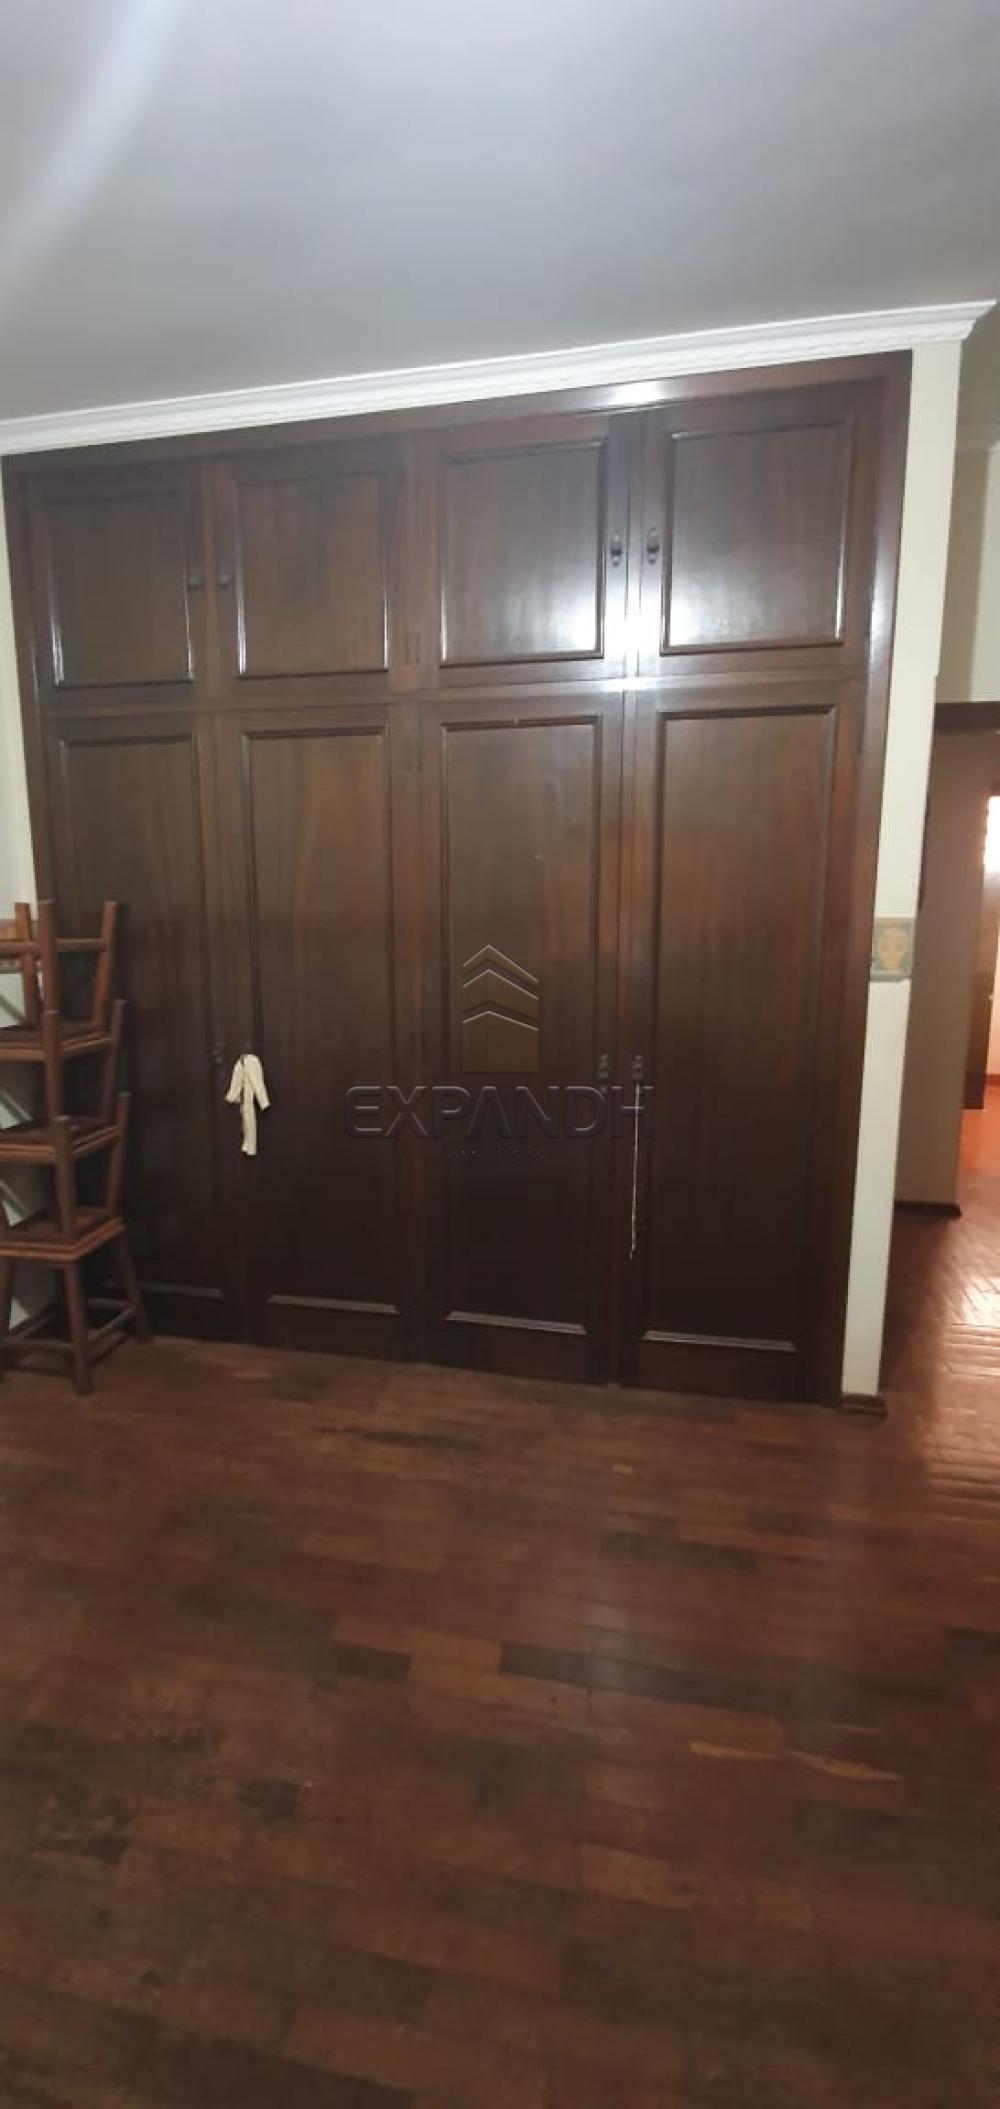 Comprar Apartamentos / Padrão em Sertãozinho apenas R$ 650.000,00 - Foto 11